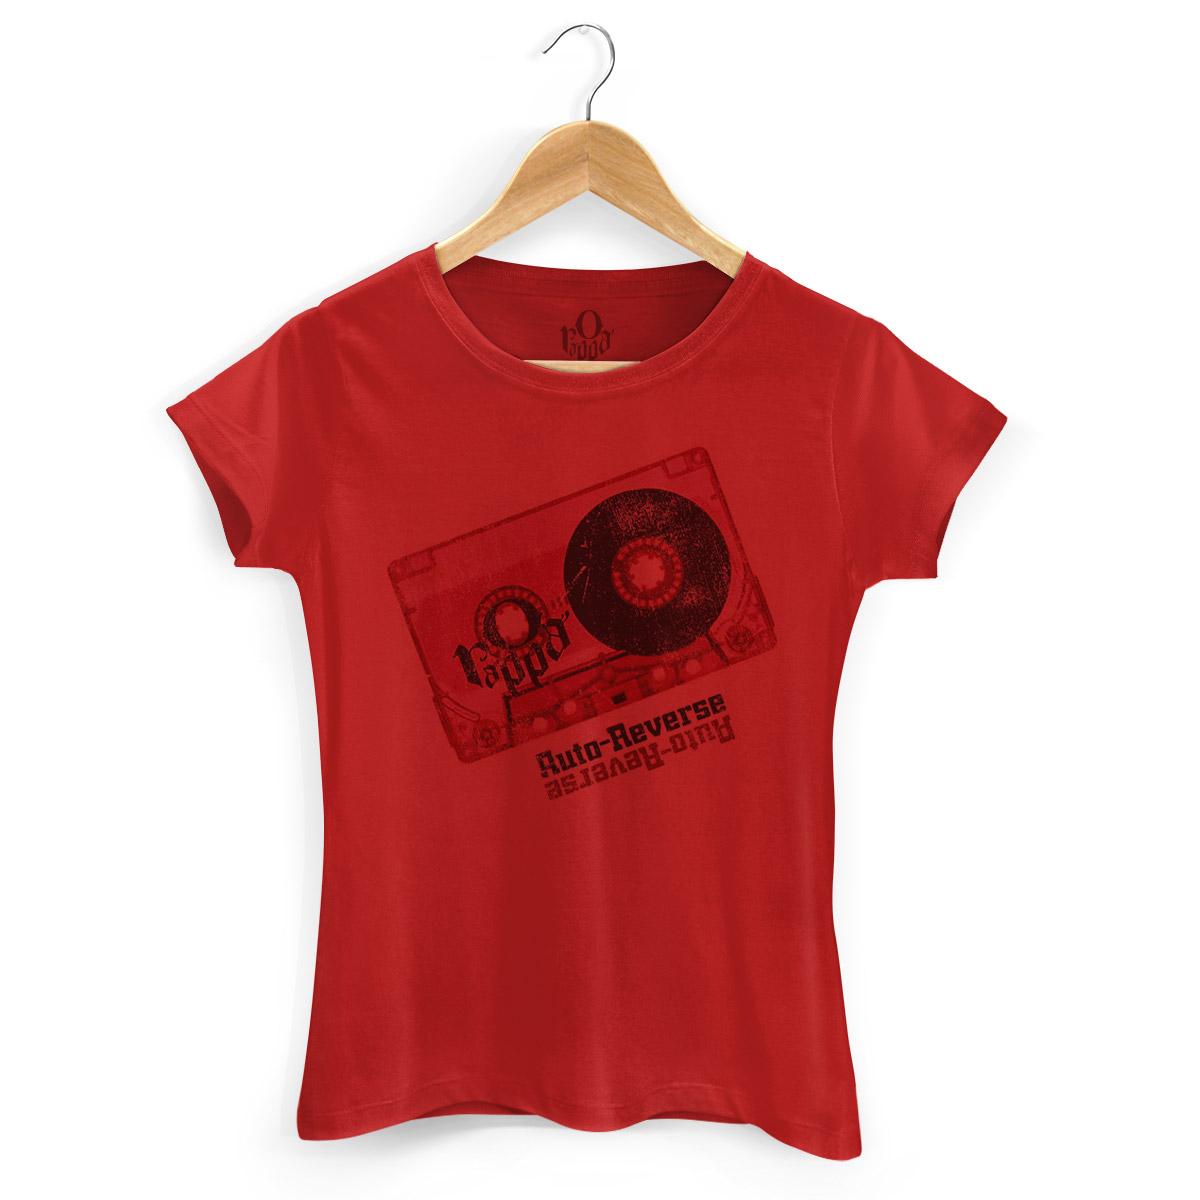 Camiseta Feminina O Rappa Auto-Reverse Vermelha